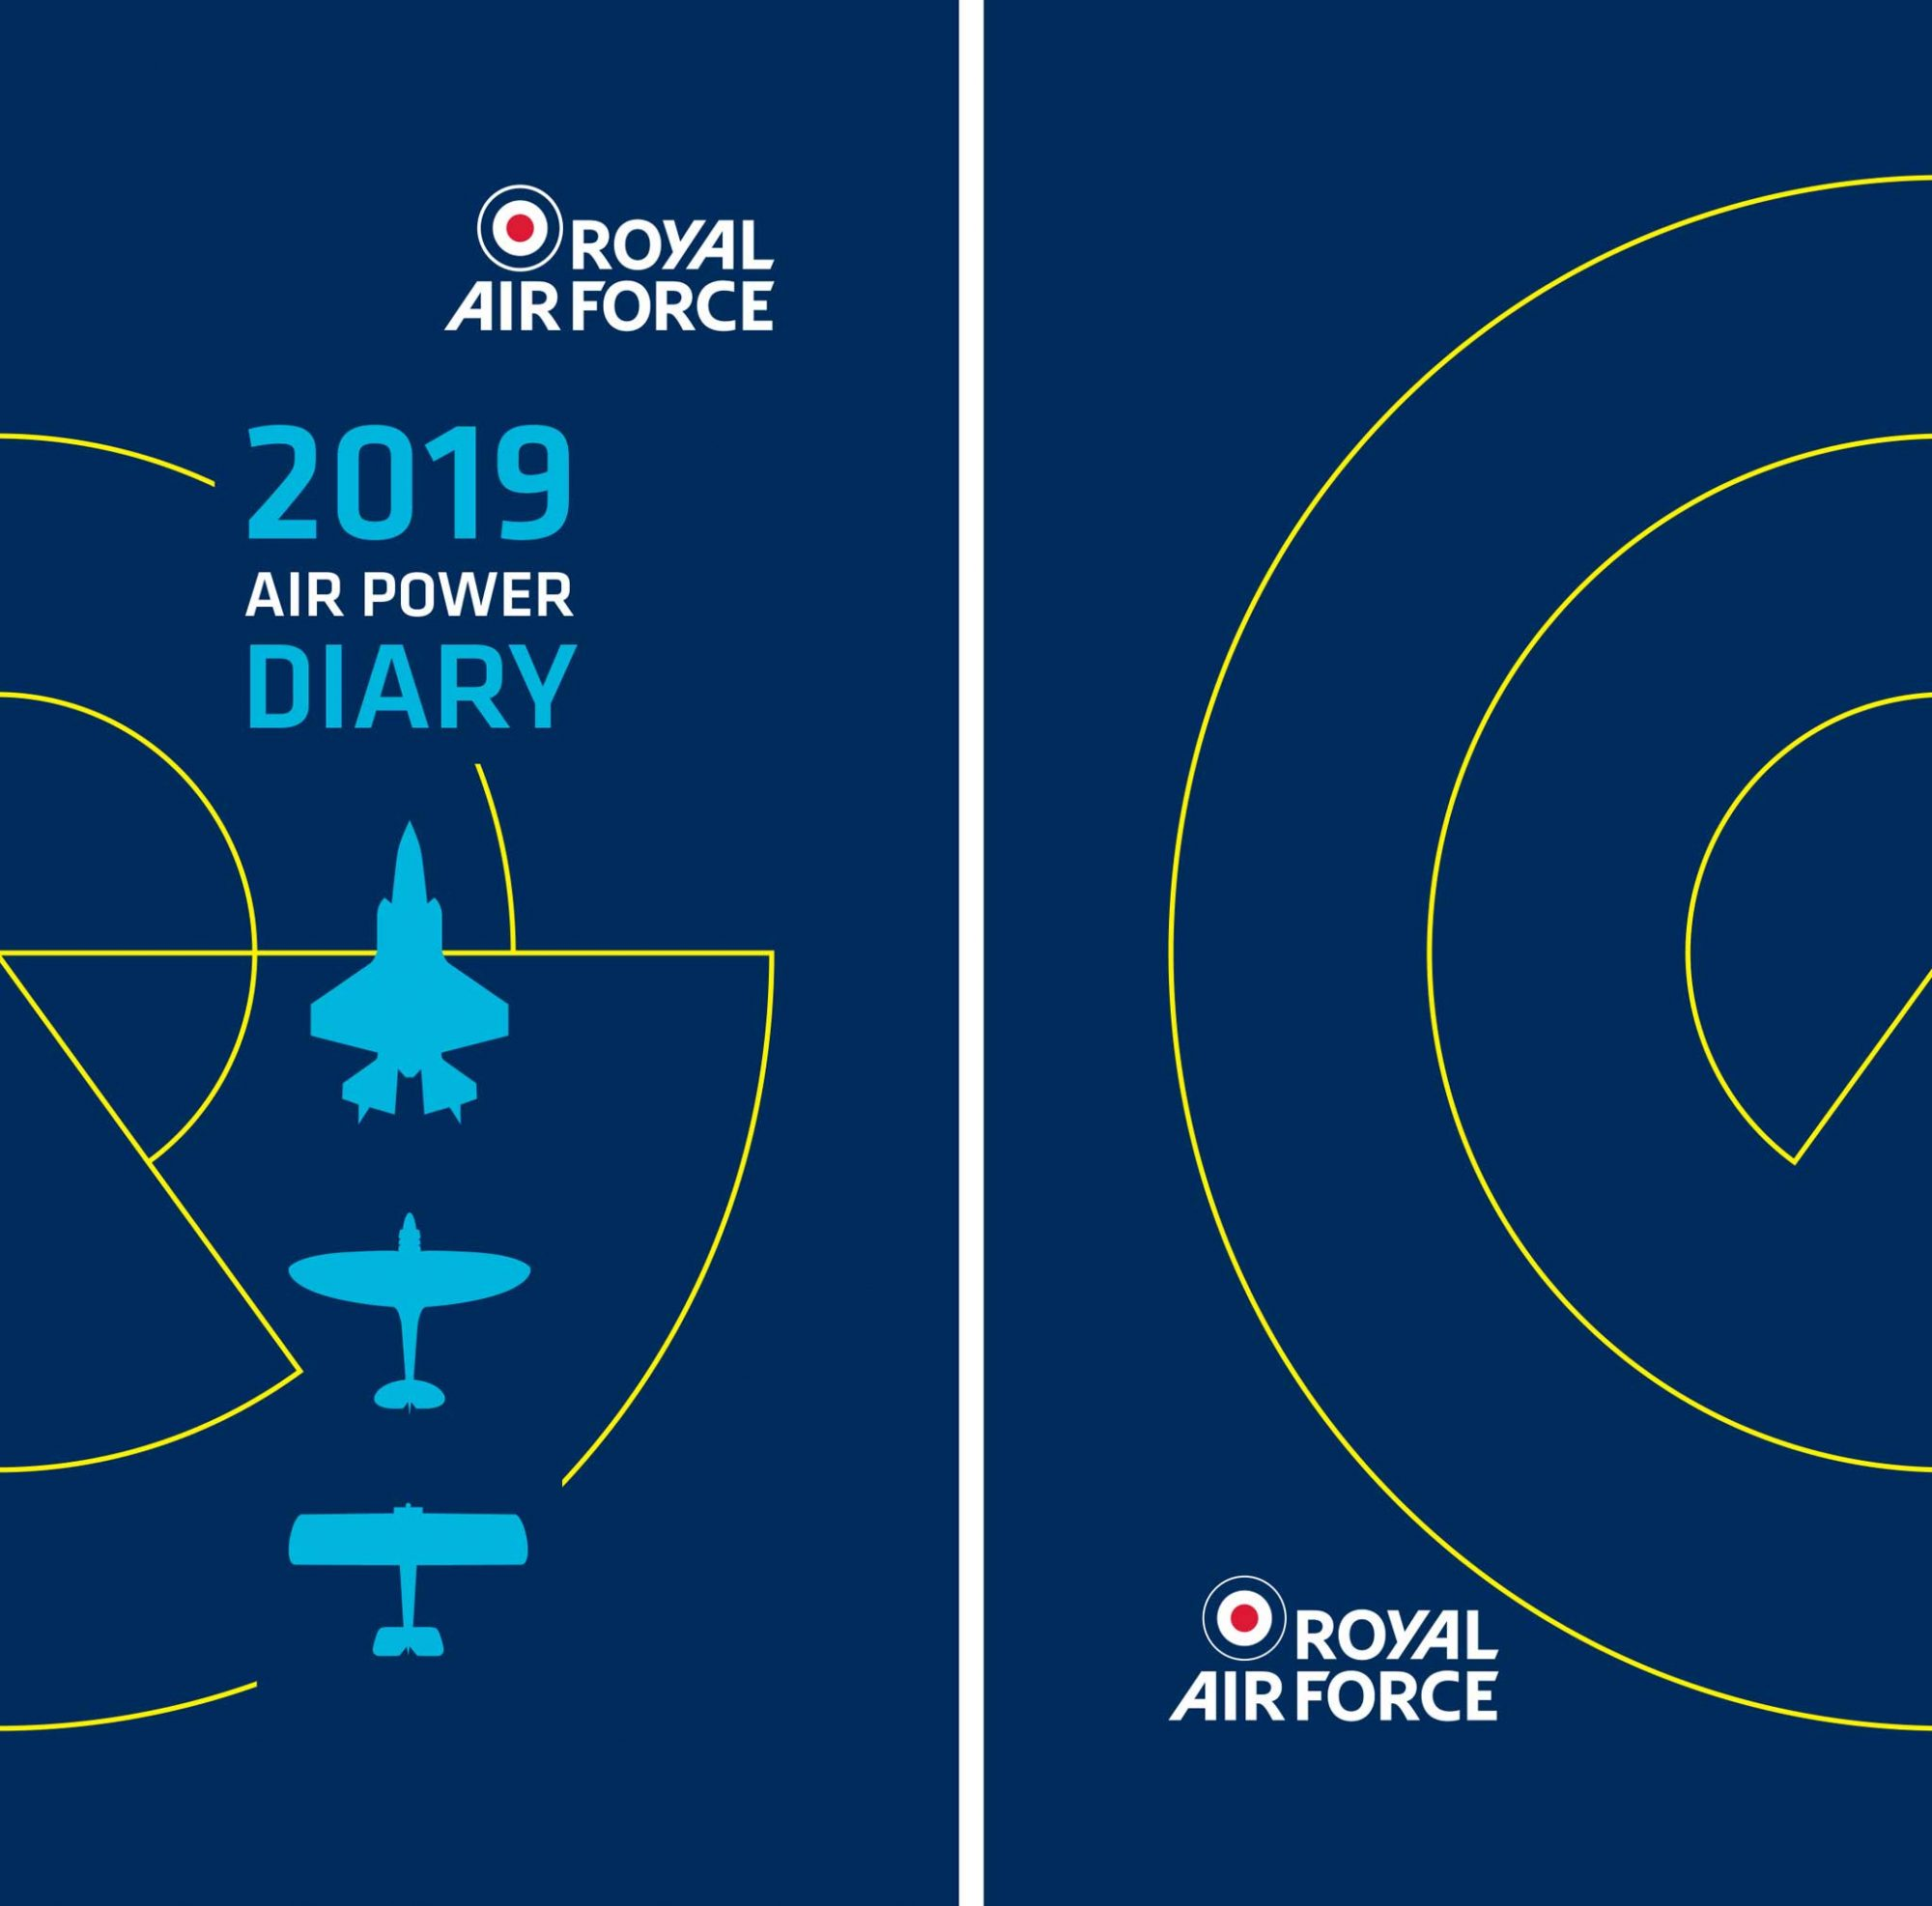 Royal Air Force Diary 2019